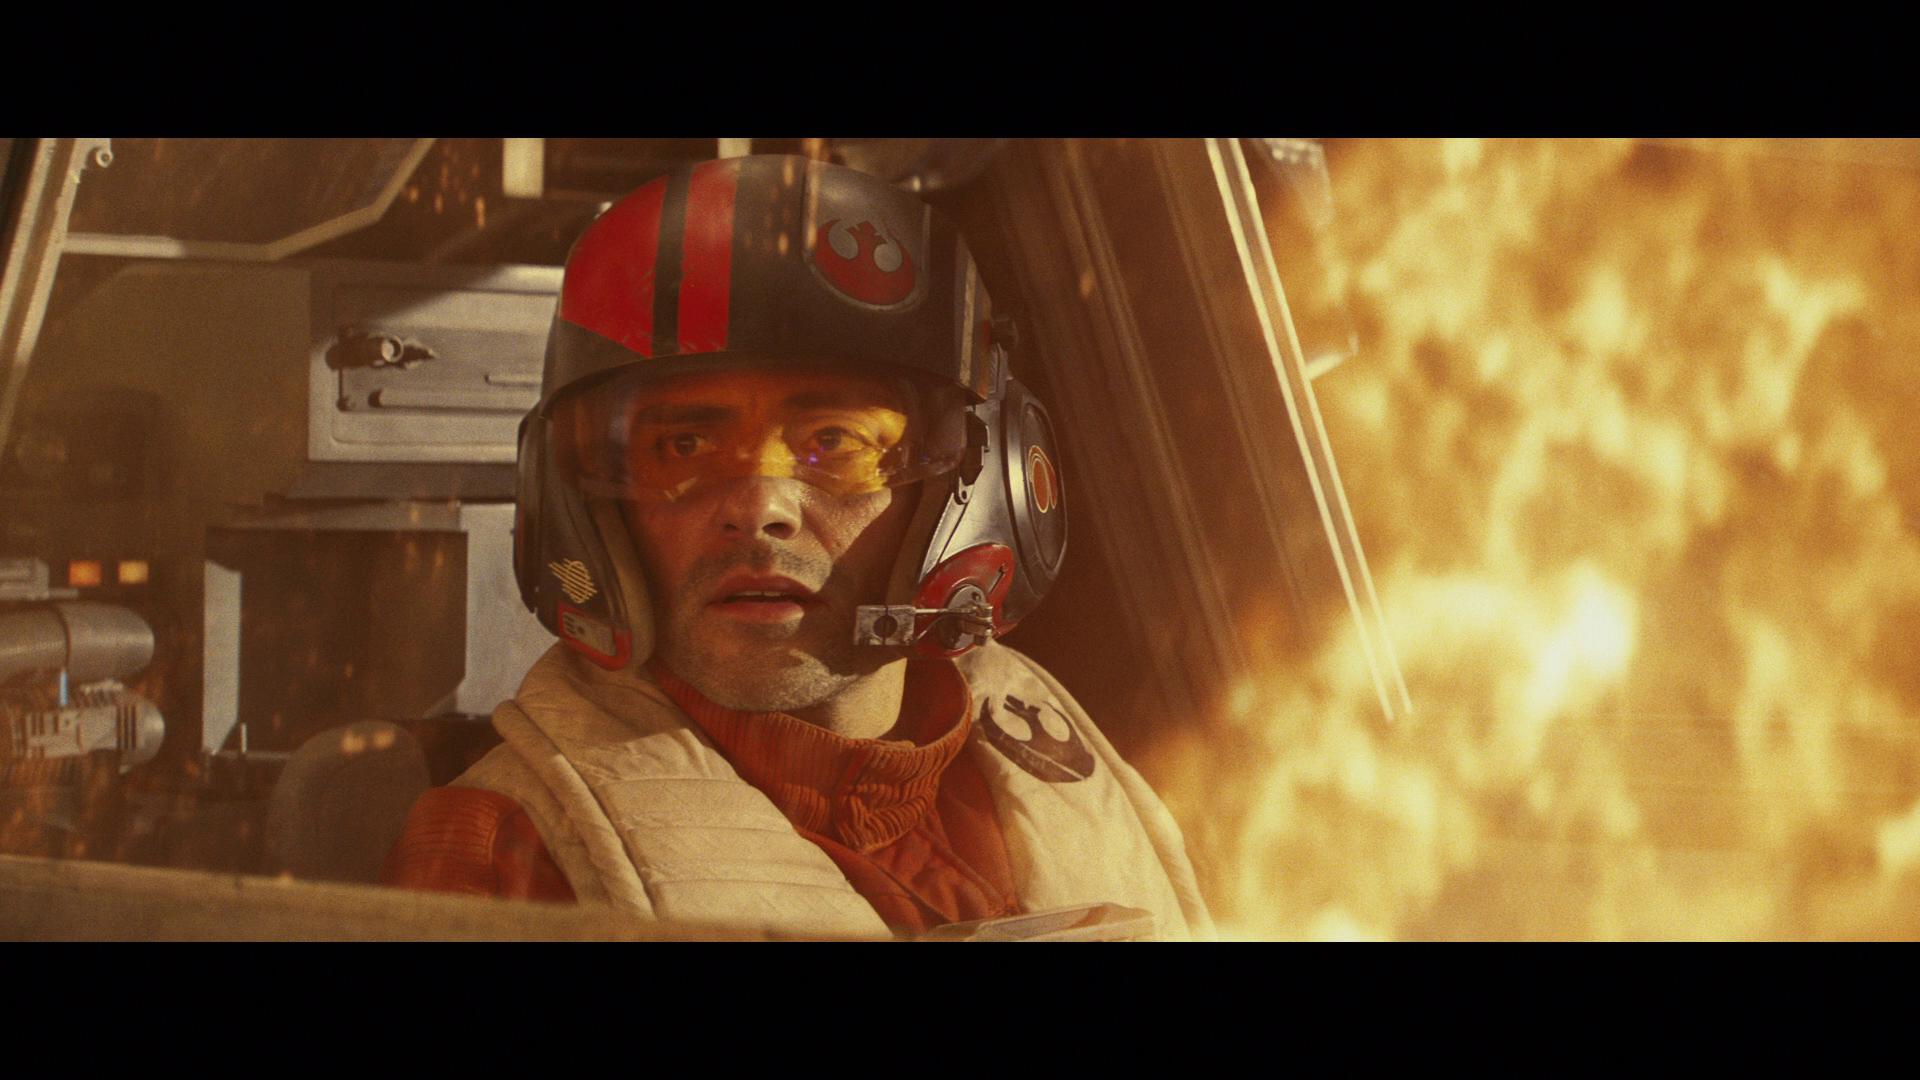 Star Wars: The Last Jedi (4K Ultra HD) (Blu-ray) : DVD Talk